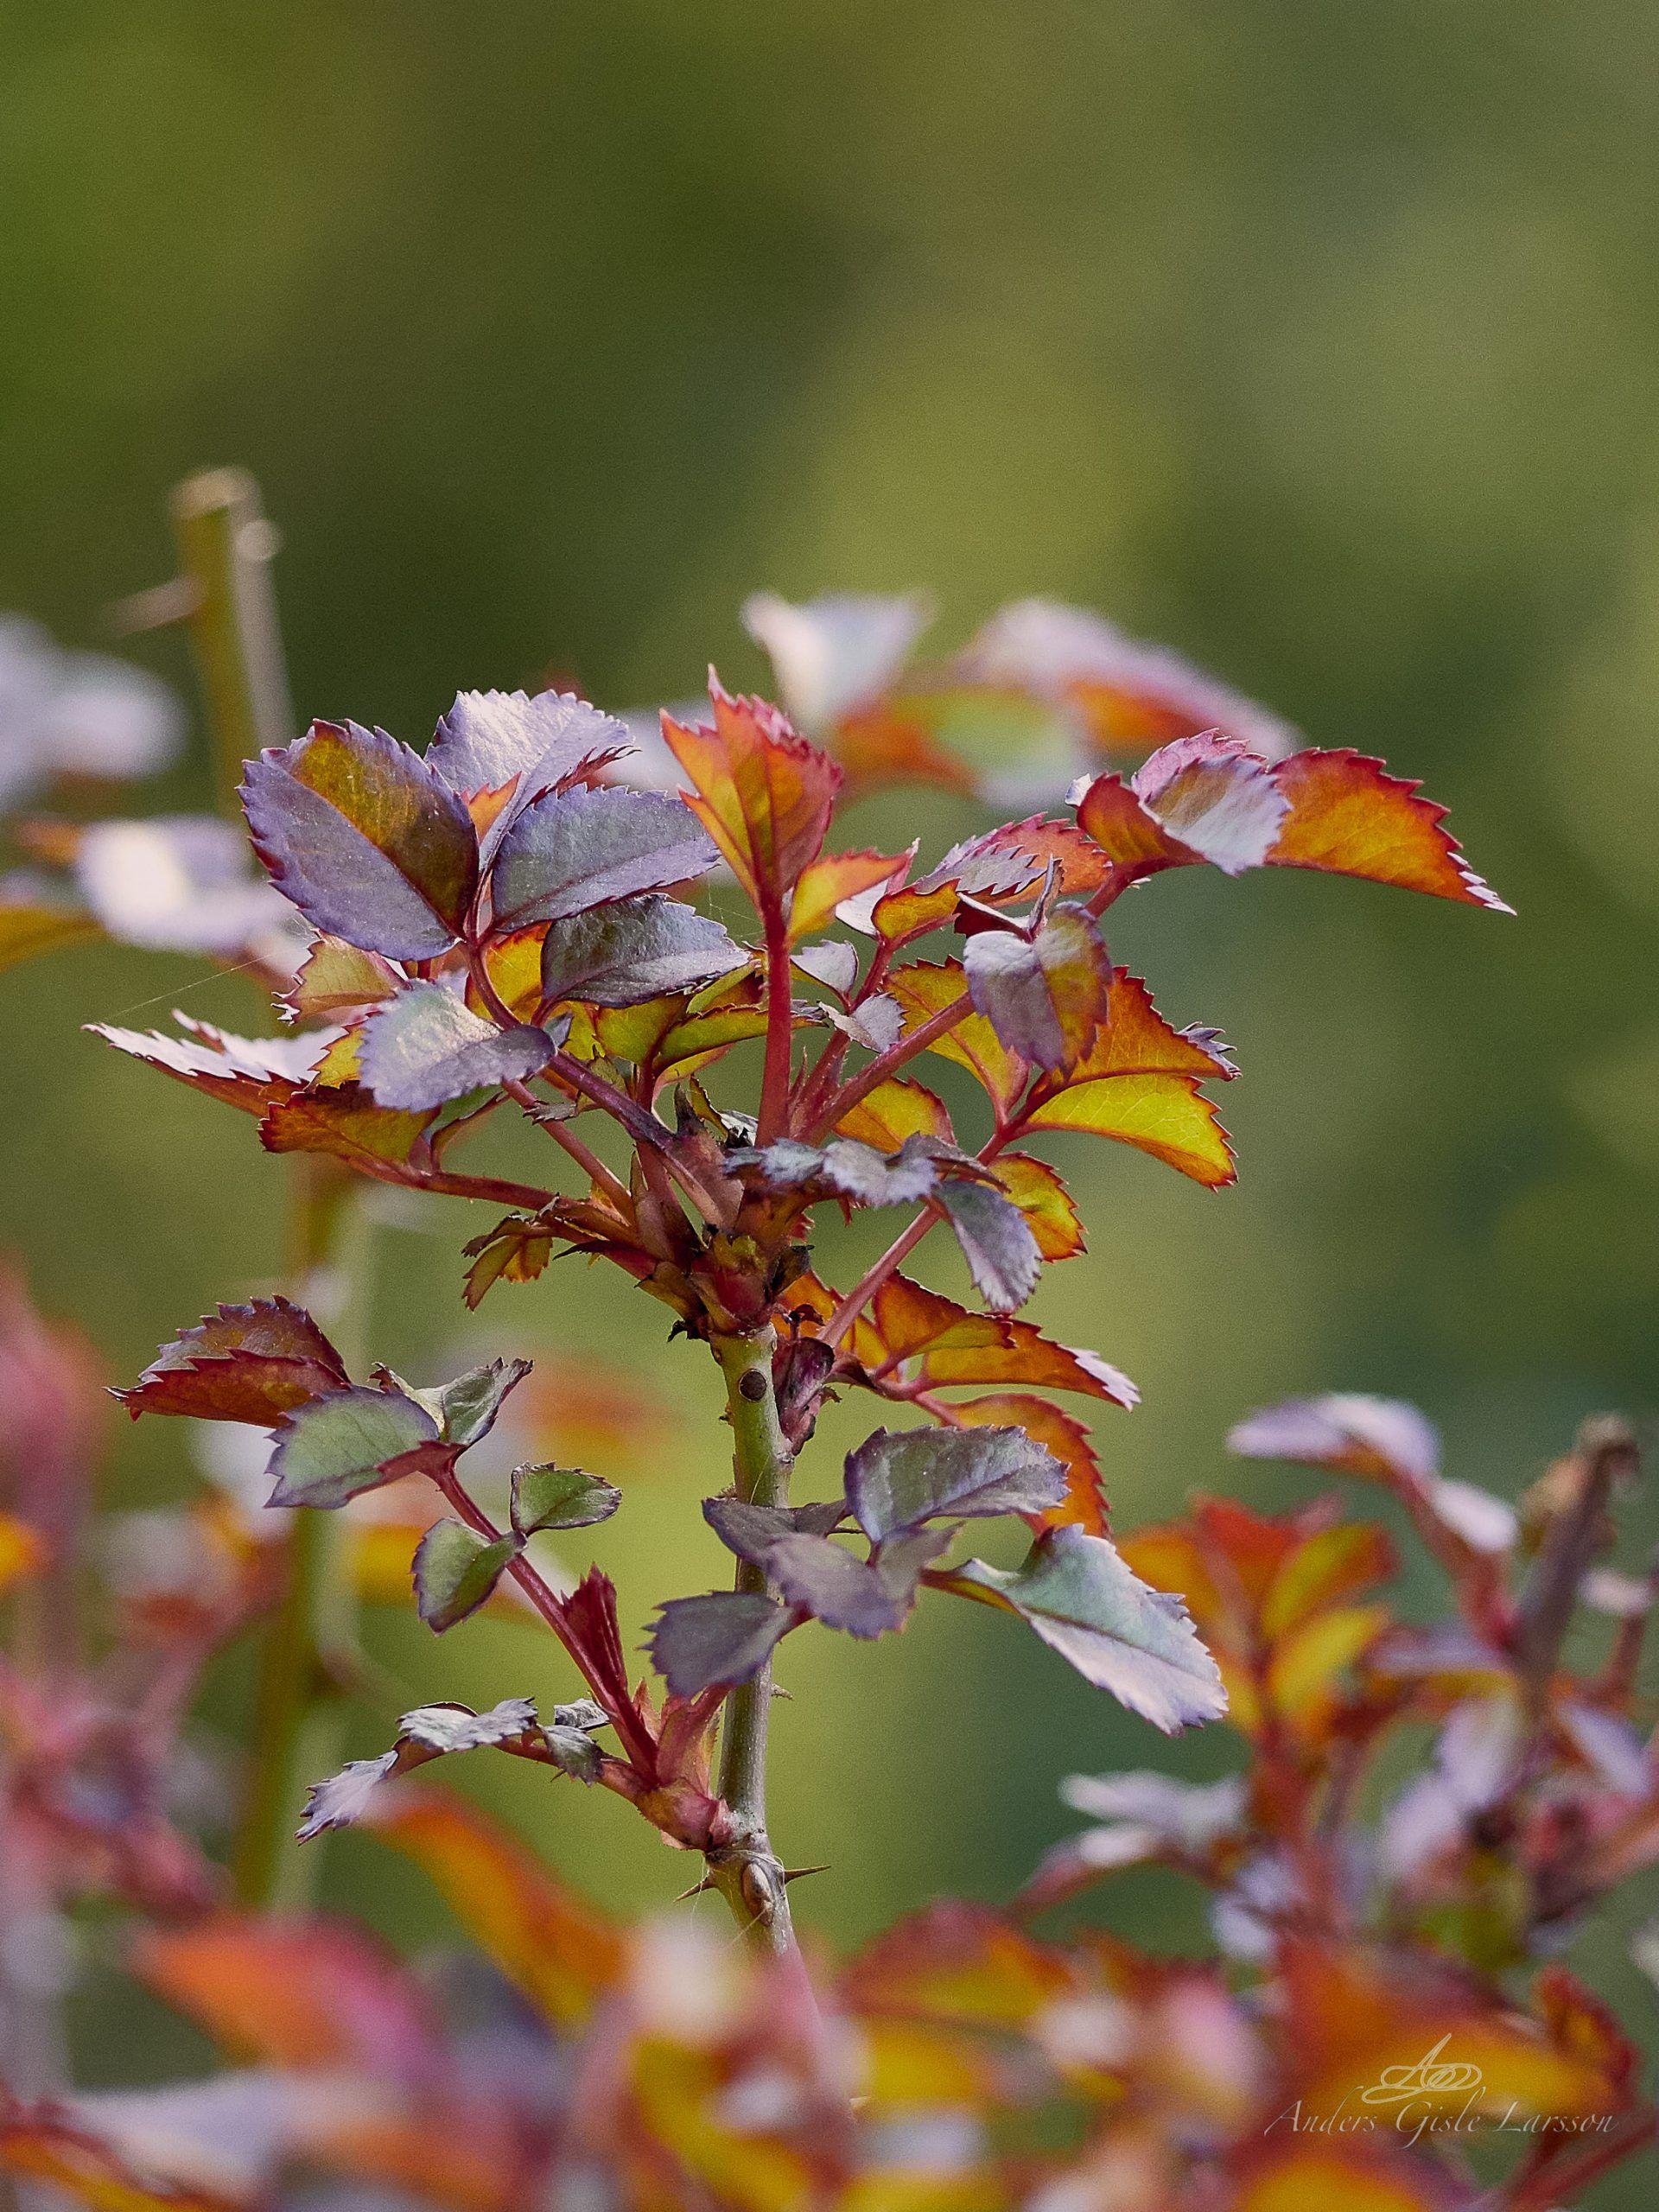 Roser er røde .., Uge 15, Assentoft, Randers